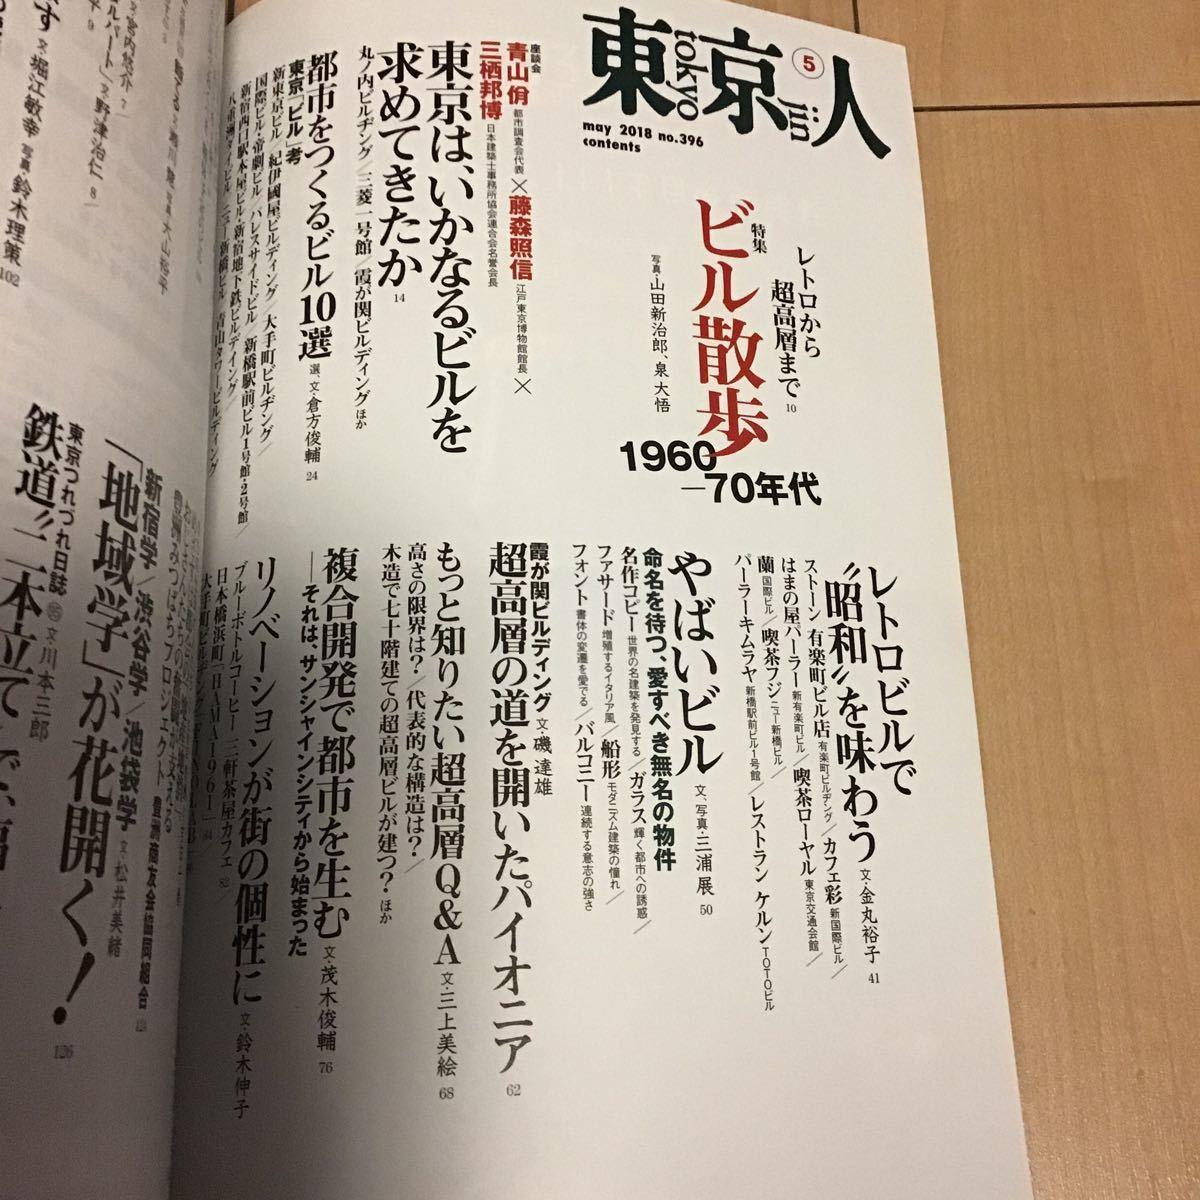 東京人 NO.396 2018年5月号 ビル散歩 1960-1970年代 レトロから超高層まで / 都市をつくるビル10選_画像4